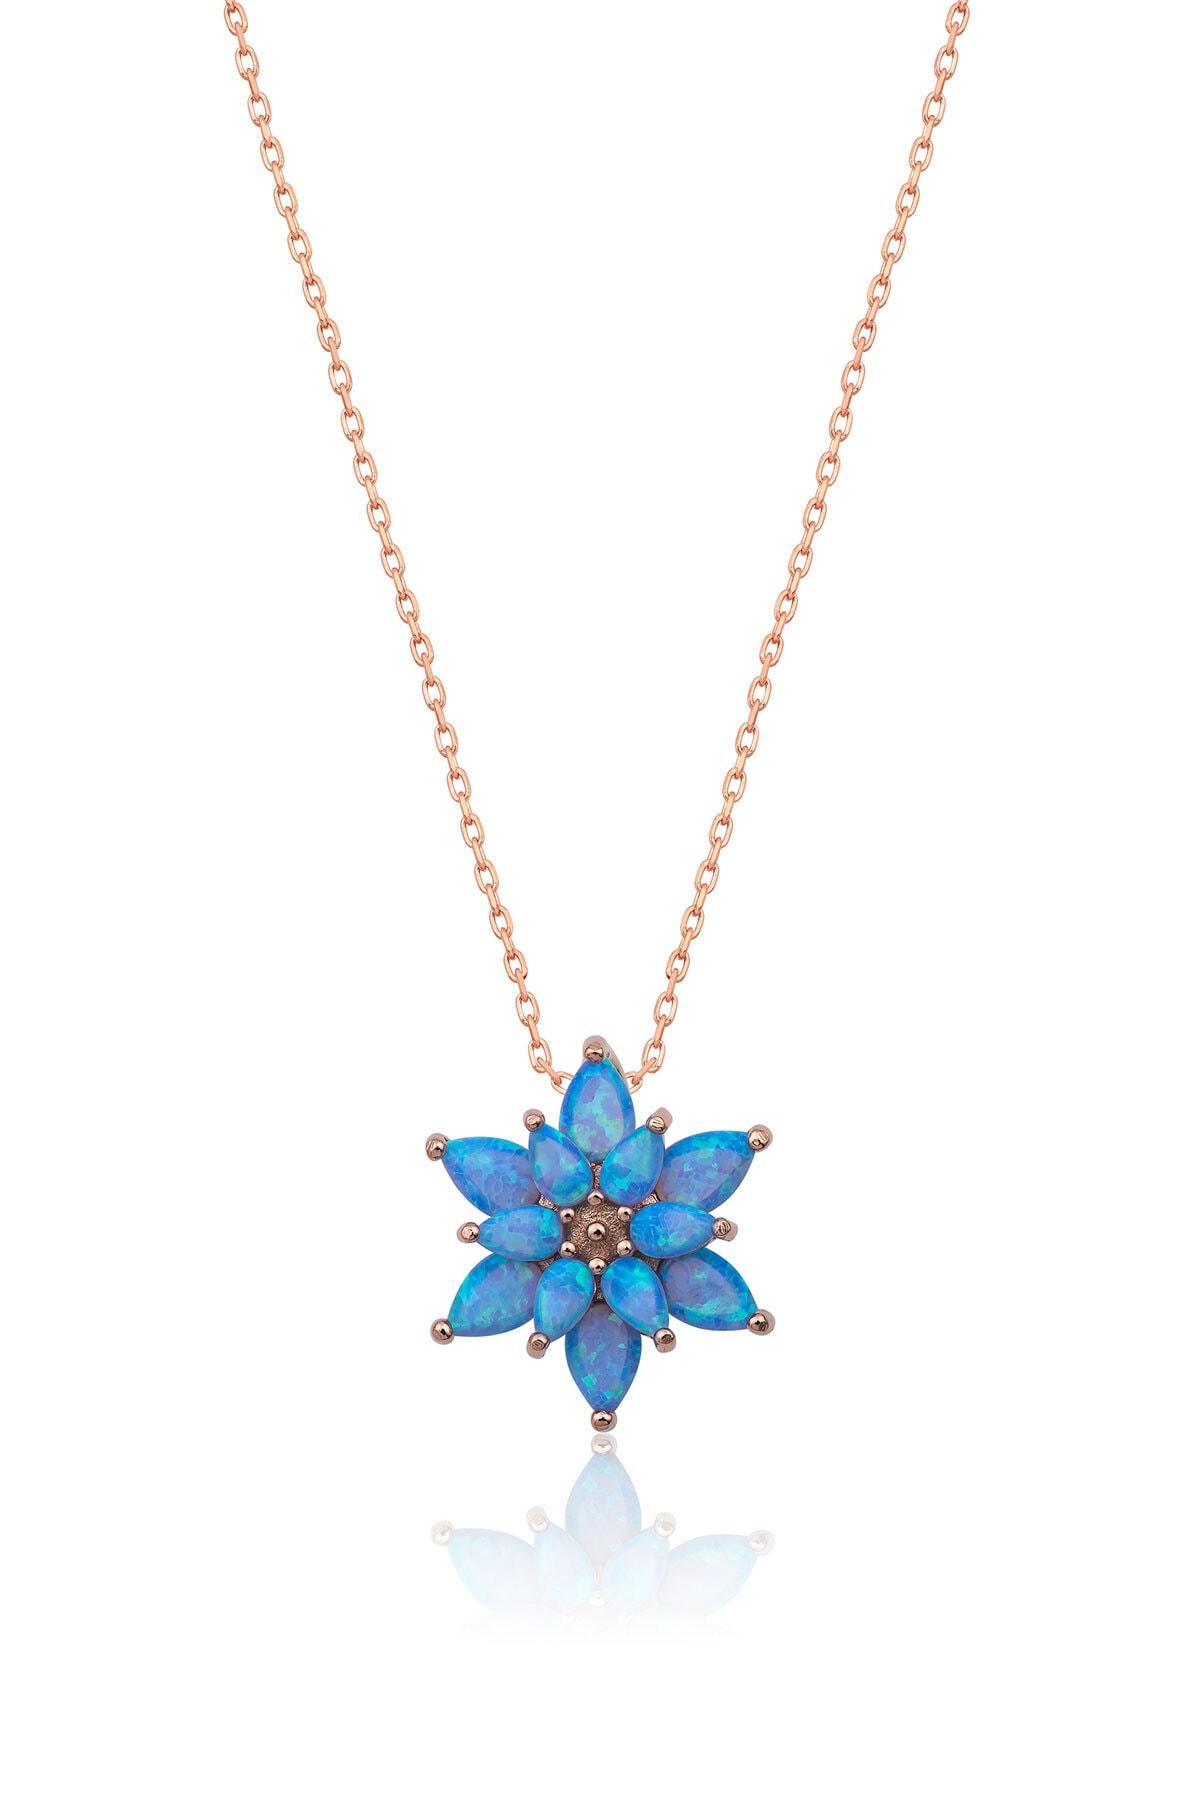 Papatya Silver 925 Ayar Açık Mavi Opal Taşlı Gümüş Lotus Kolye 1